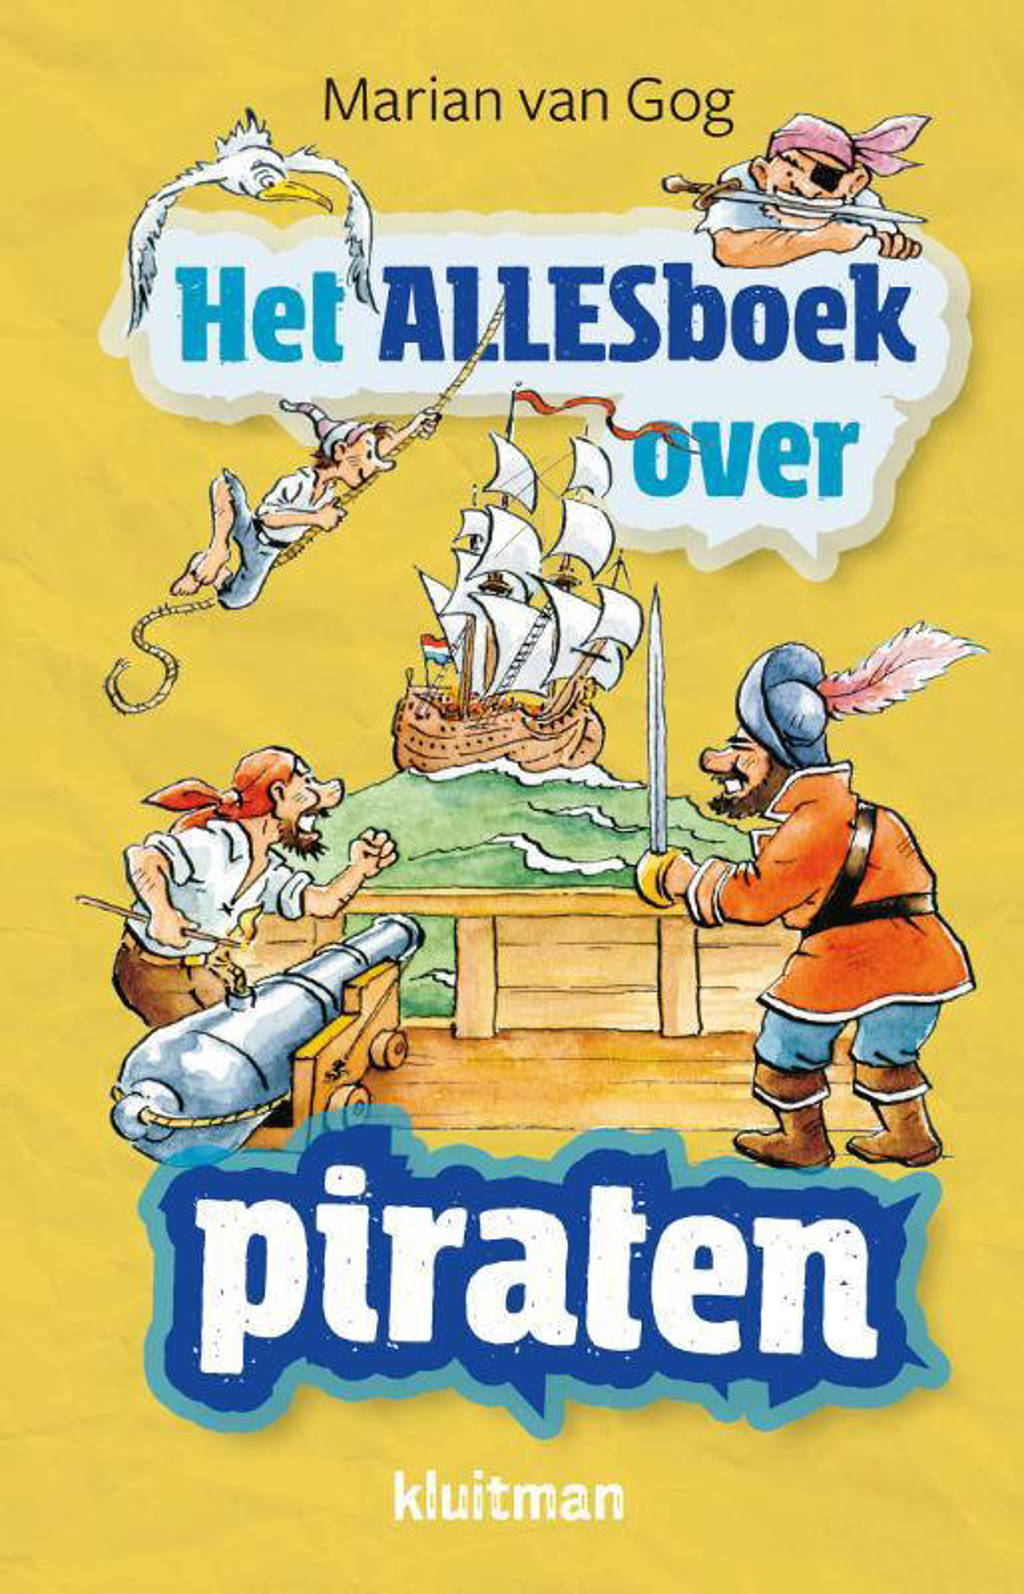 Het Alles boek over: Piraten - Marian van Gog